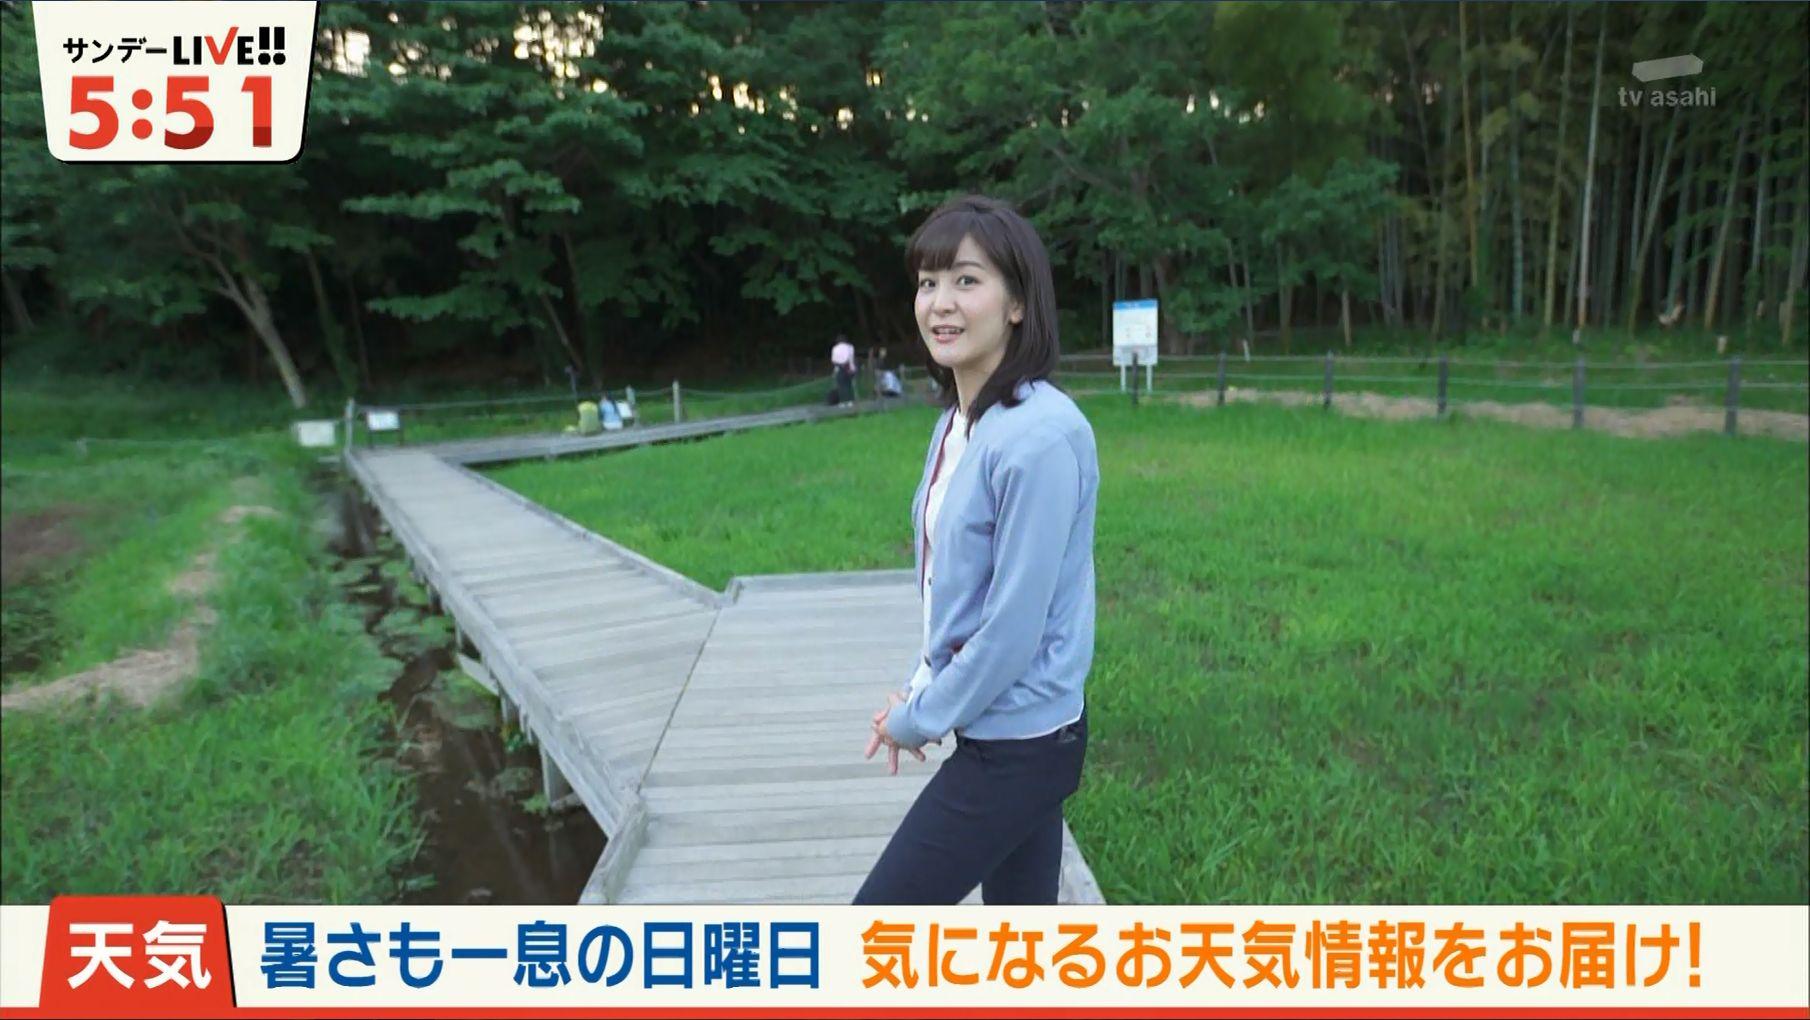 林美桜の画像 p1_10